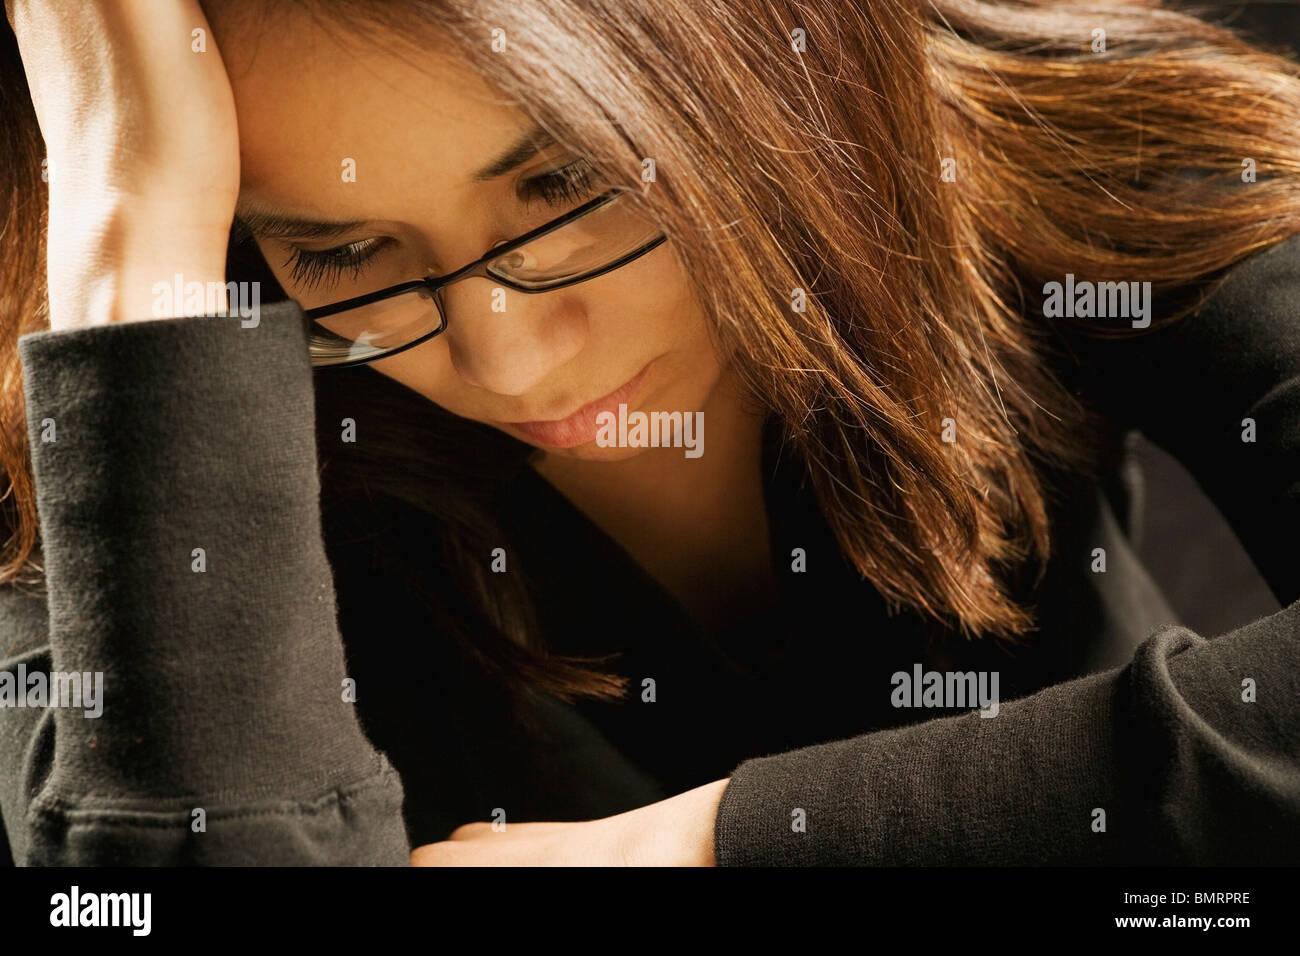 Eine junge Frau auf der Suche traurige Stockbild